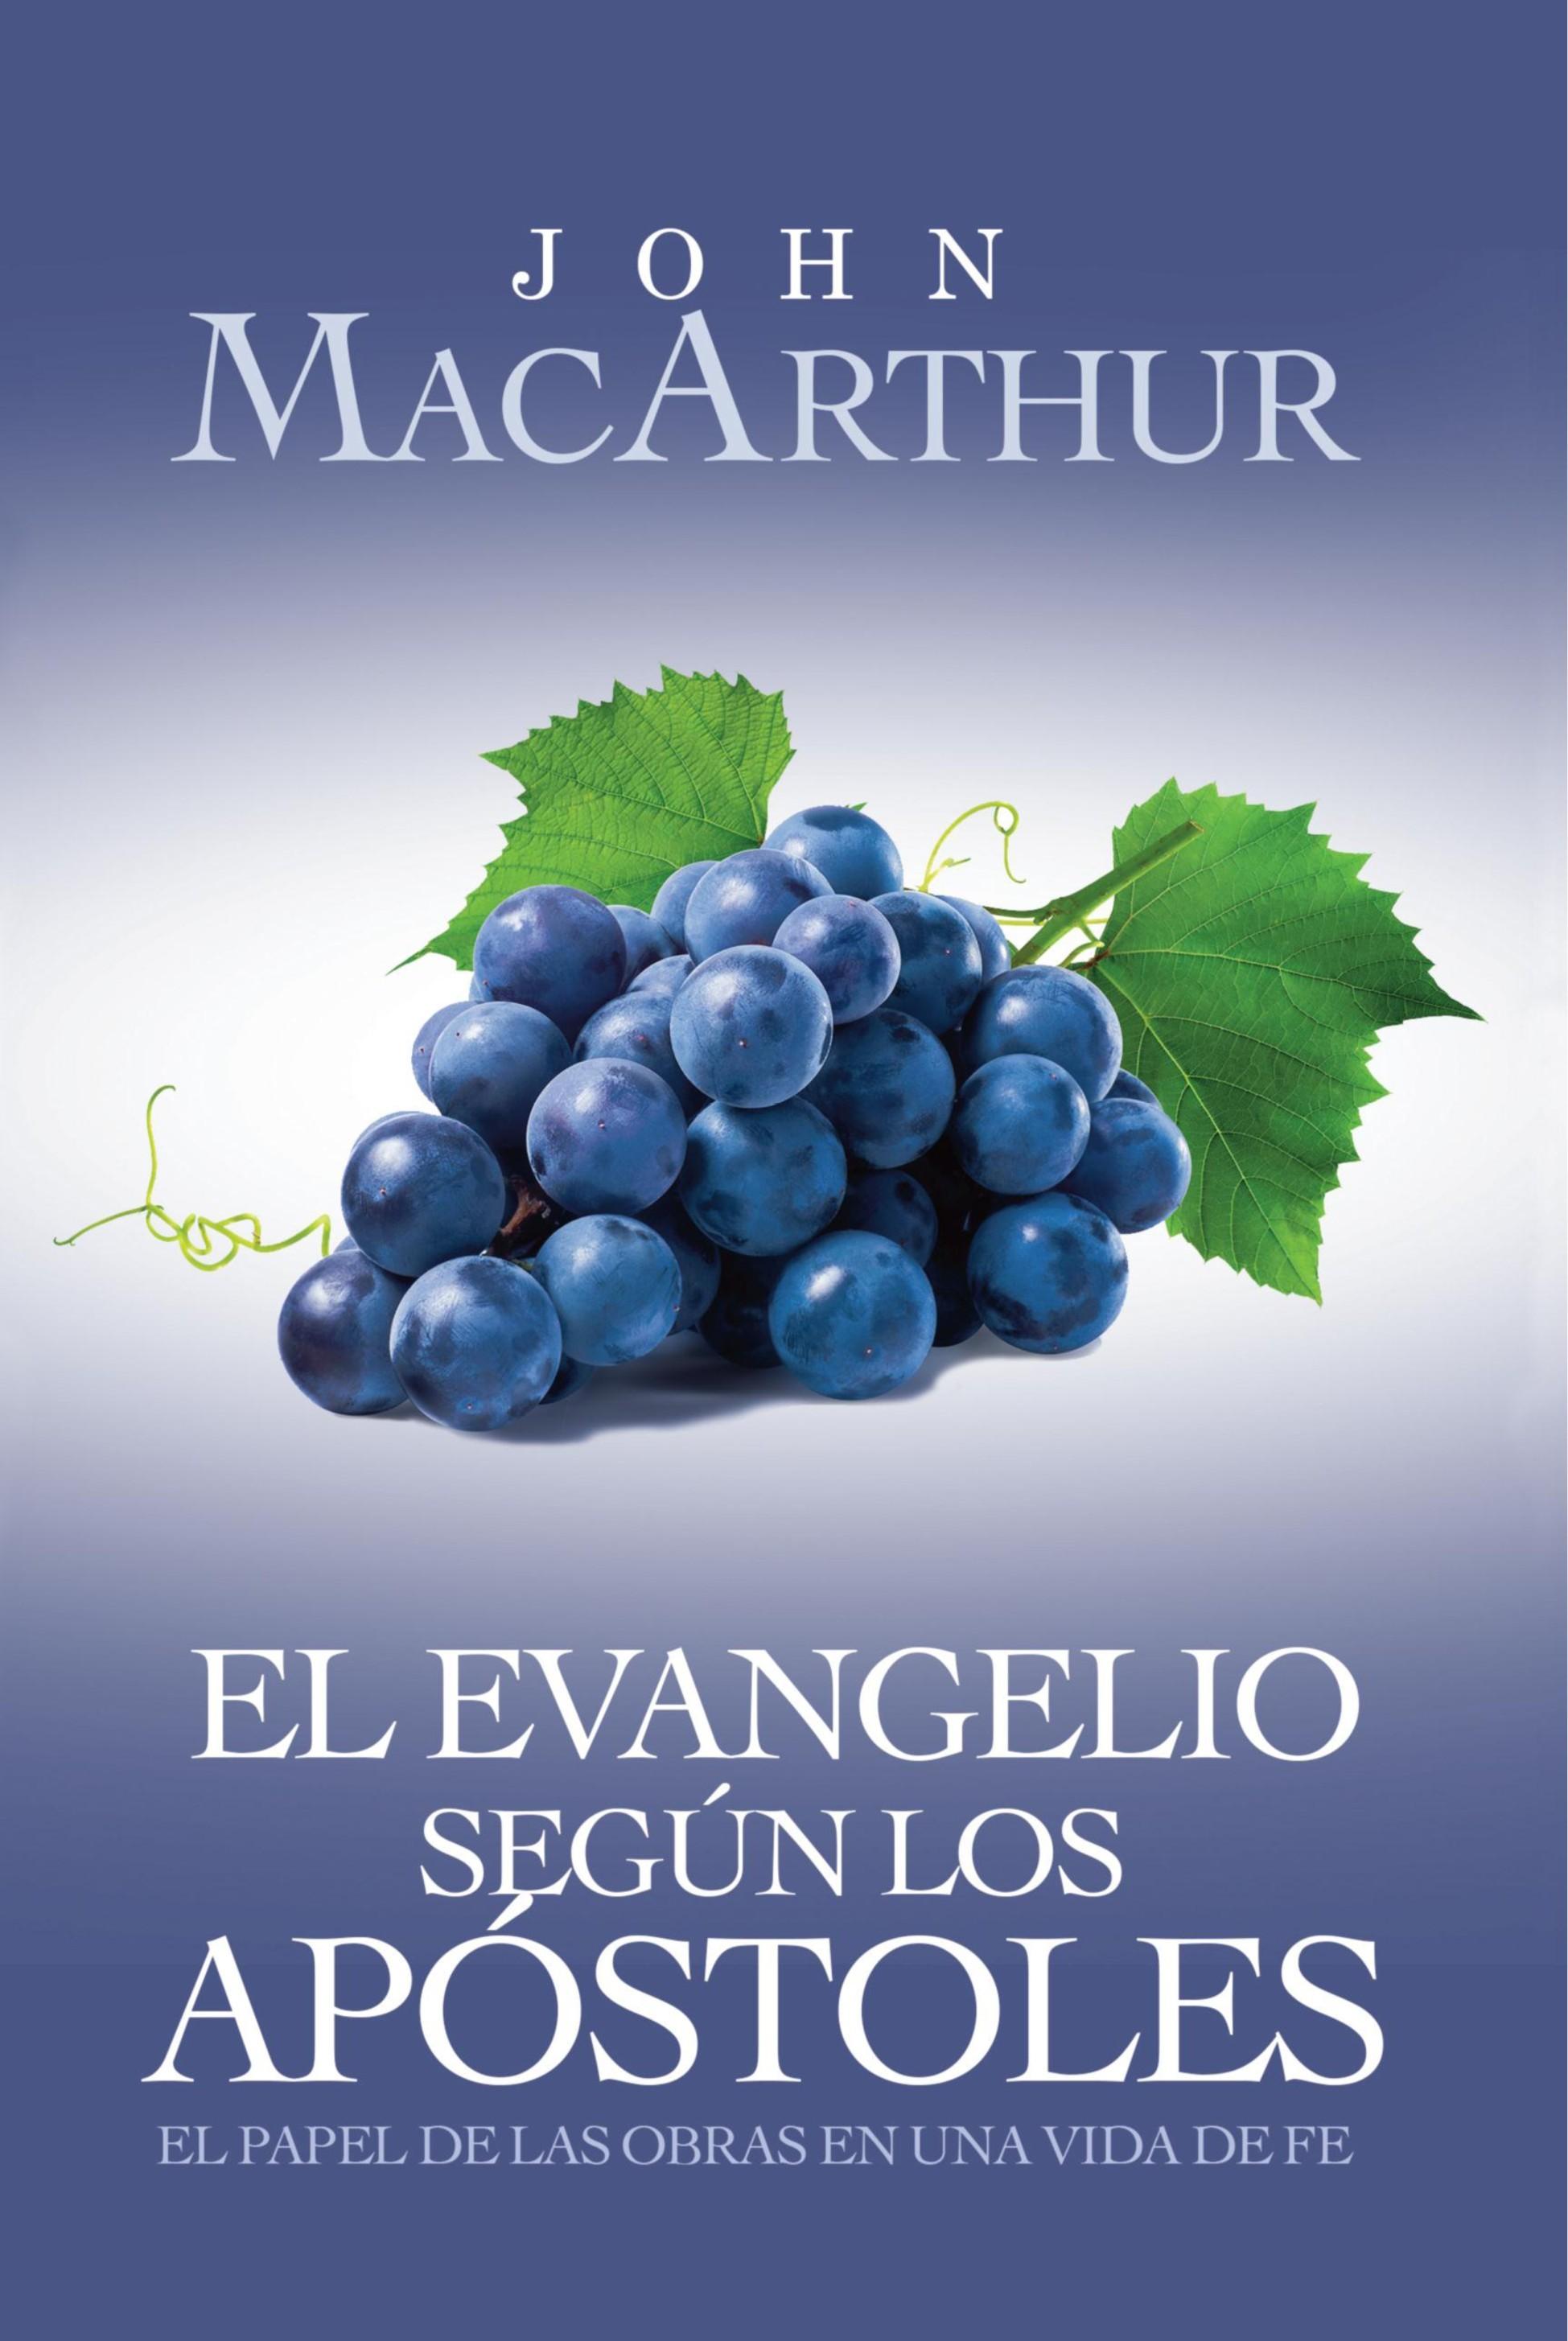 El Manual Bíblico MacArthur: Un estudio introductorio a la Palabra de Dios, libro  por libro (9780718041694): John MacArthur: CLC Ecuador